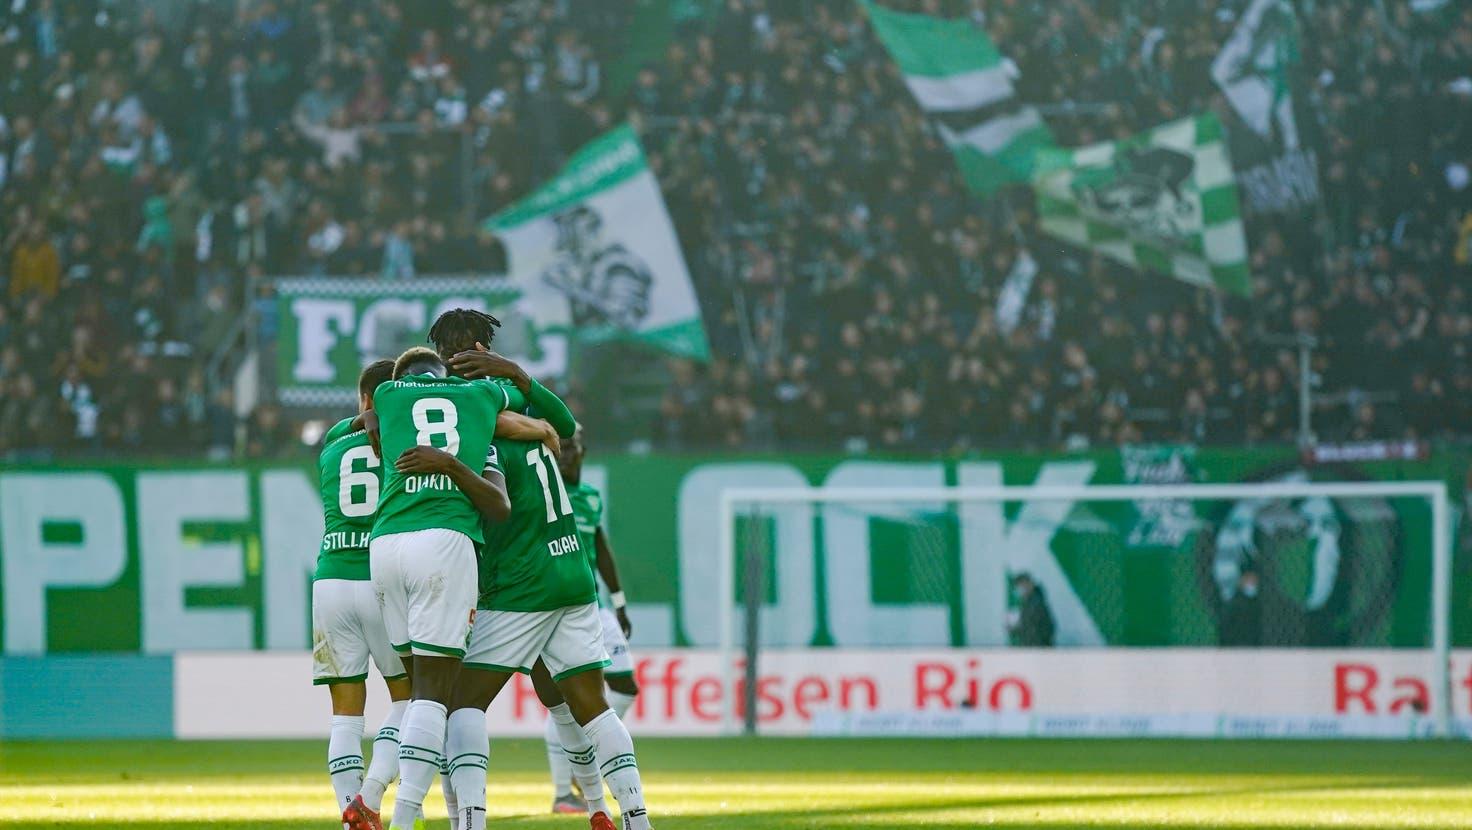 Der FC St.Gallen unter Druck – im Heimspiel gegen Servette müssen dringend Punkte her